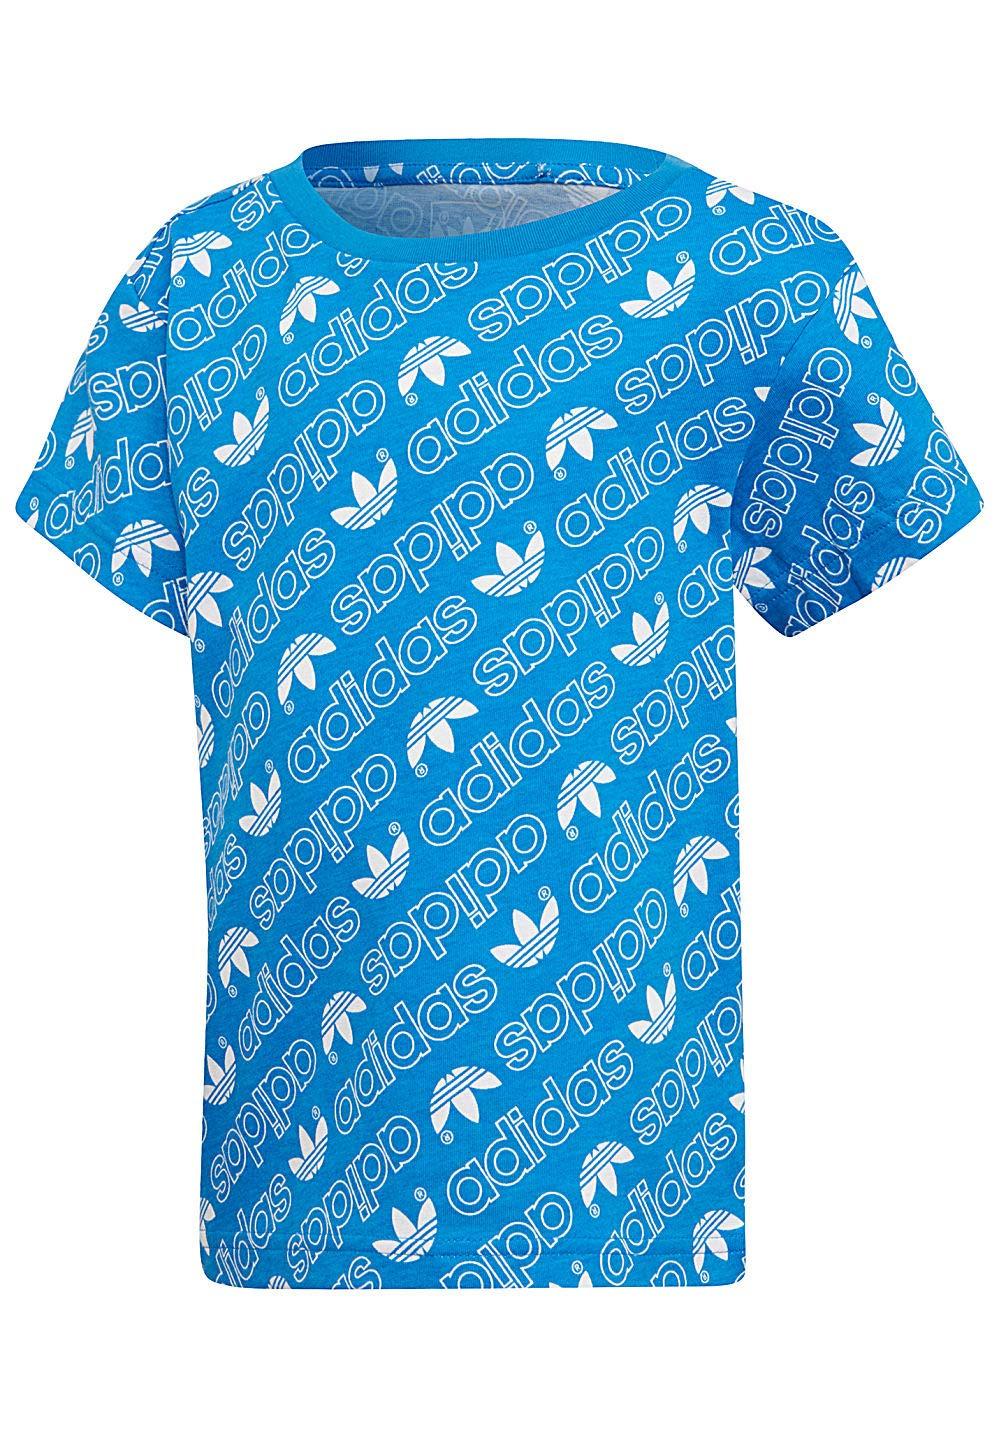 adidas Children's Trefoil Monogram T-Shirt DN8158